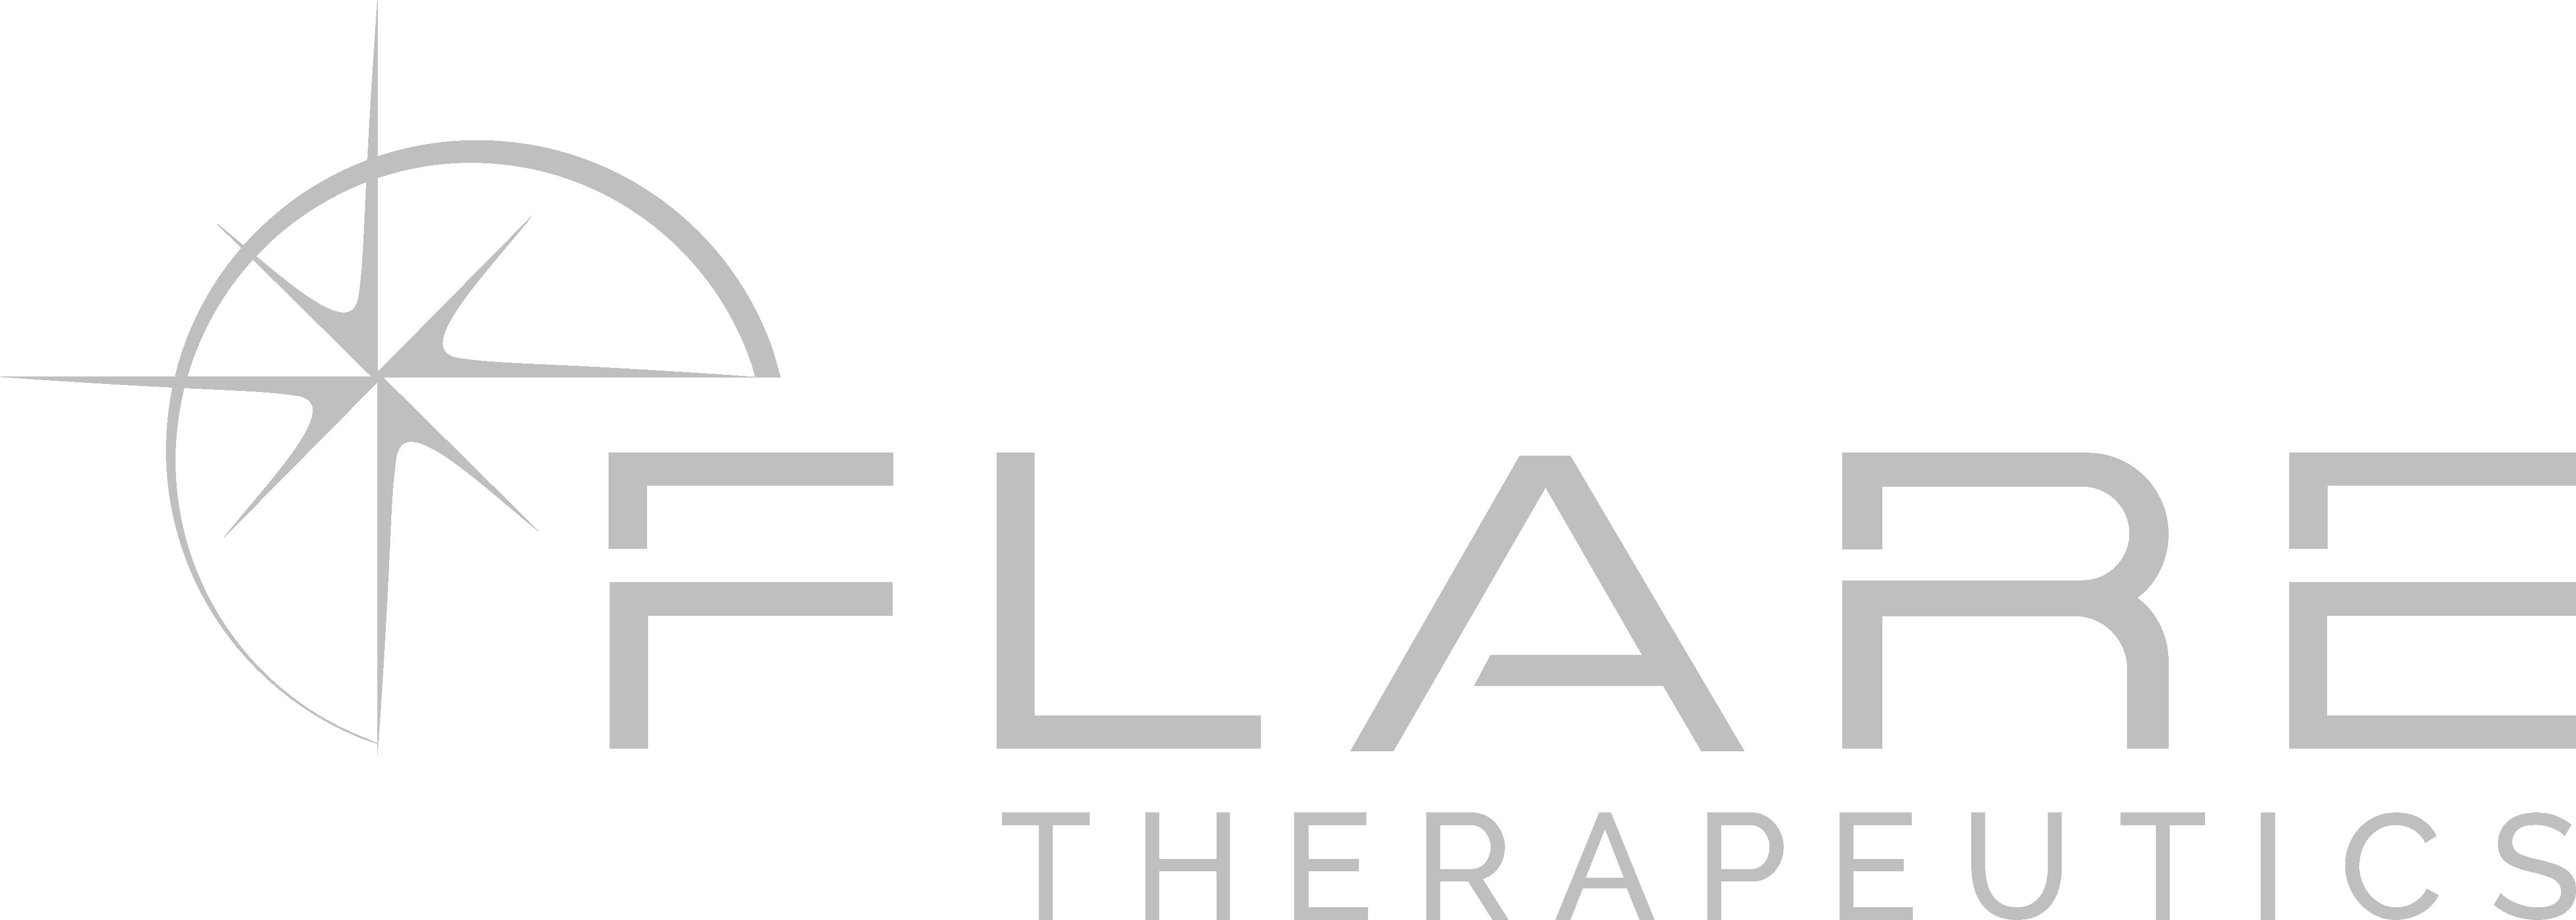 Flare Therapeutics logo